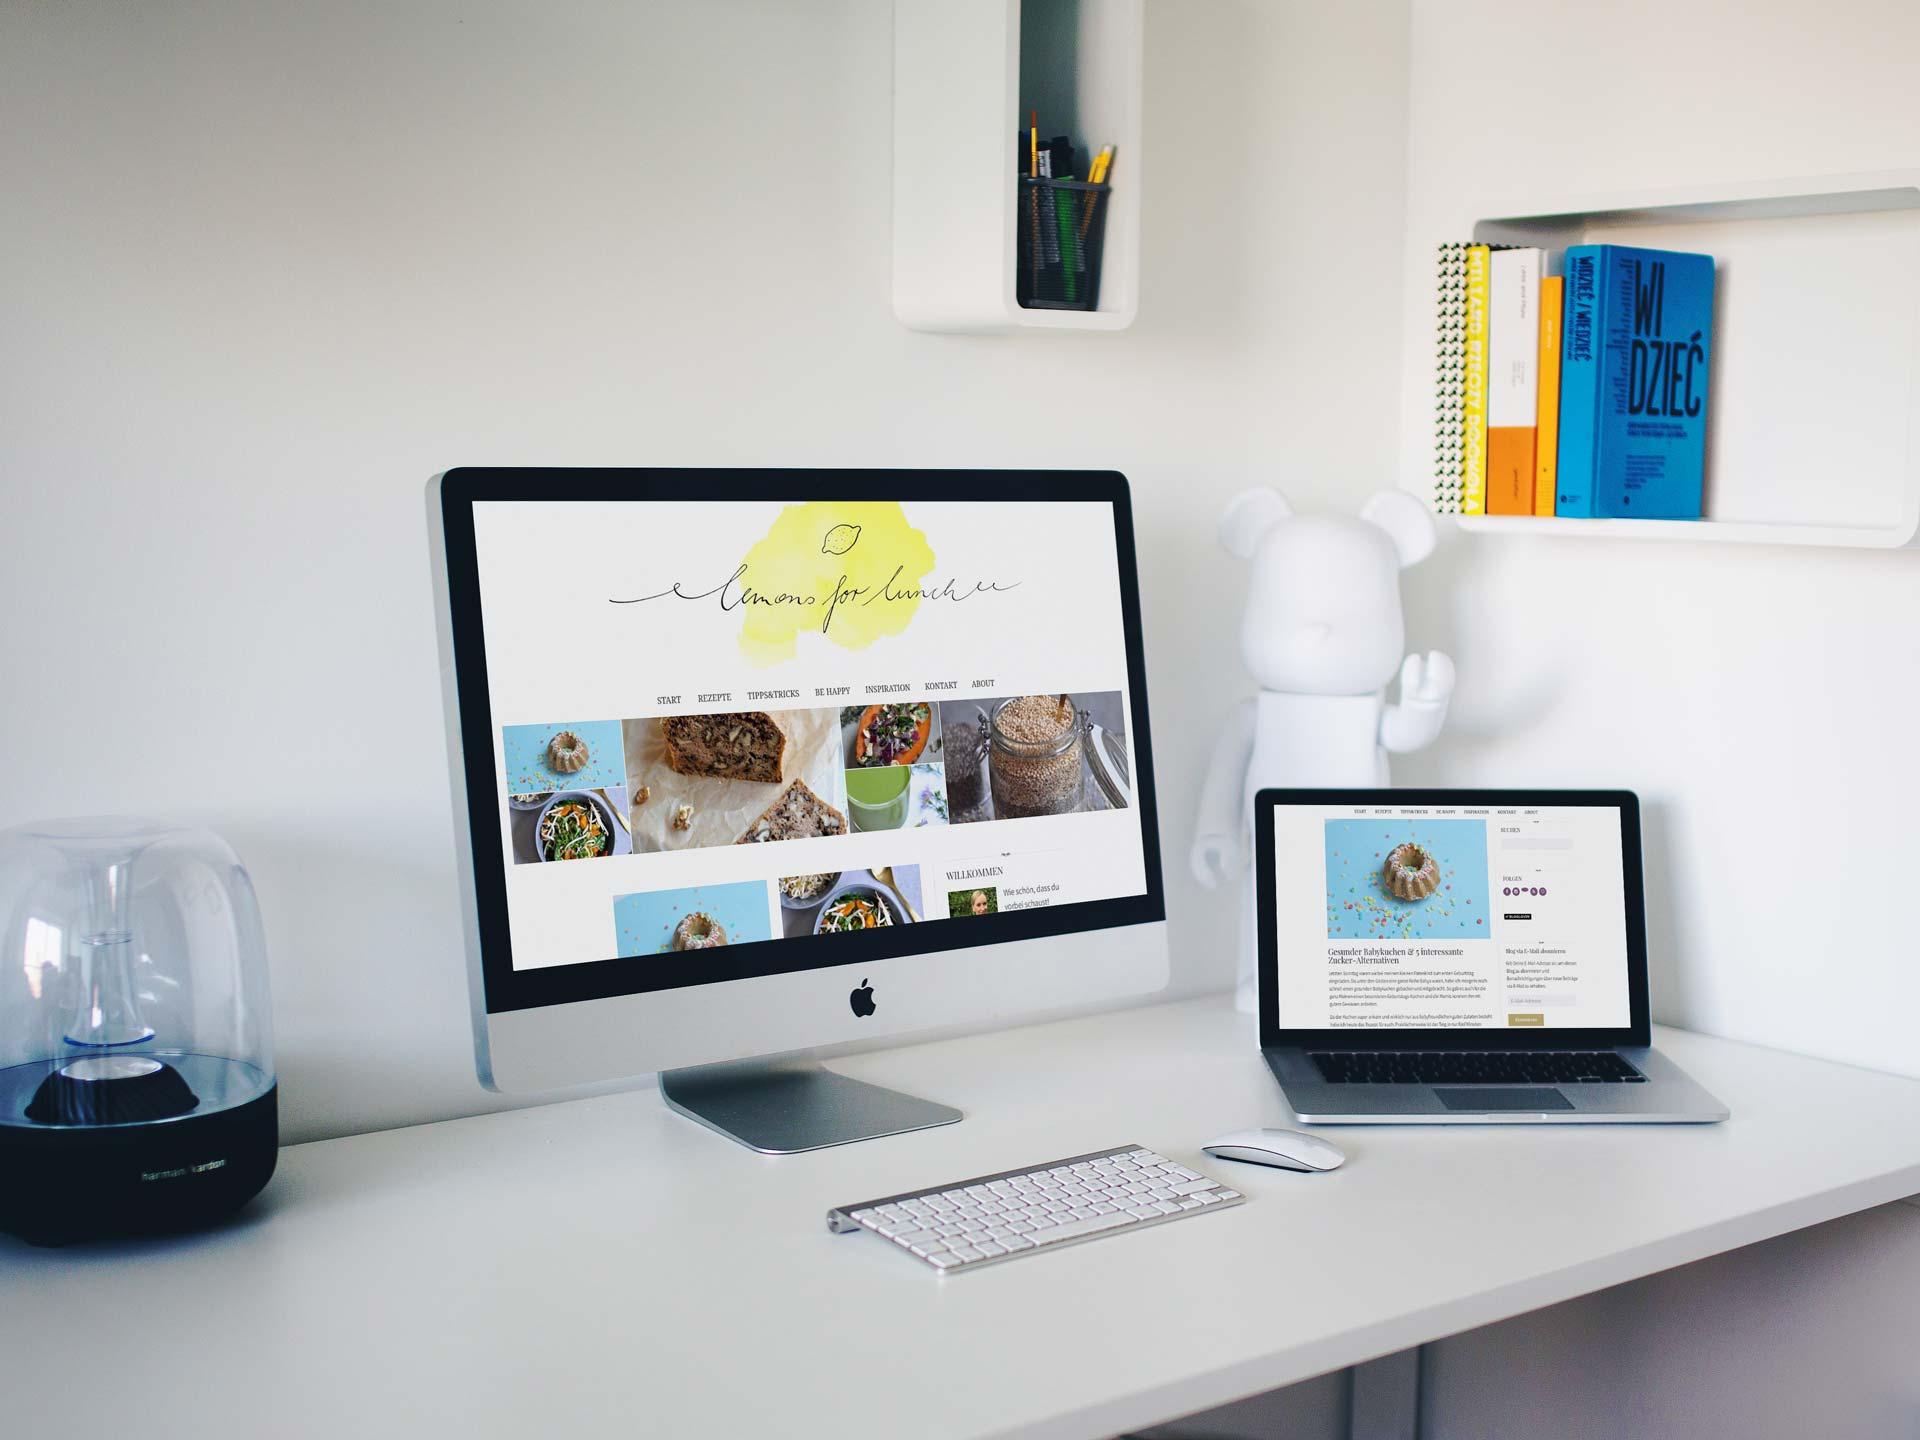 macbook und imac zeigen webseite von lemons for lunch